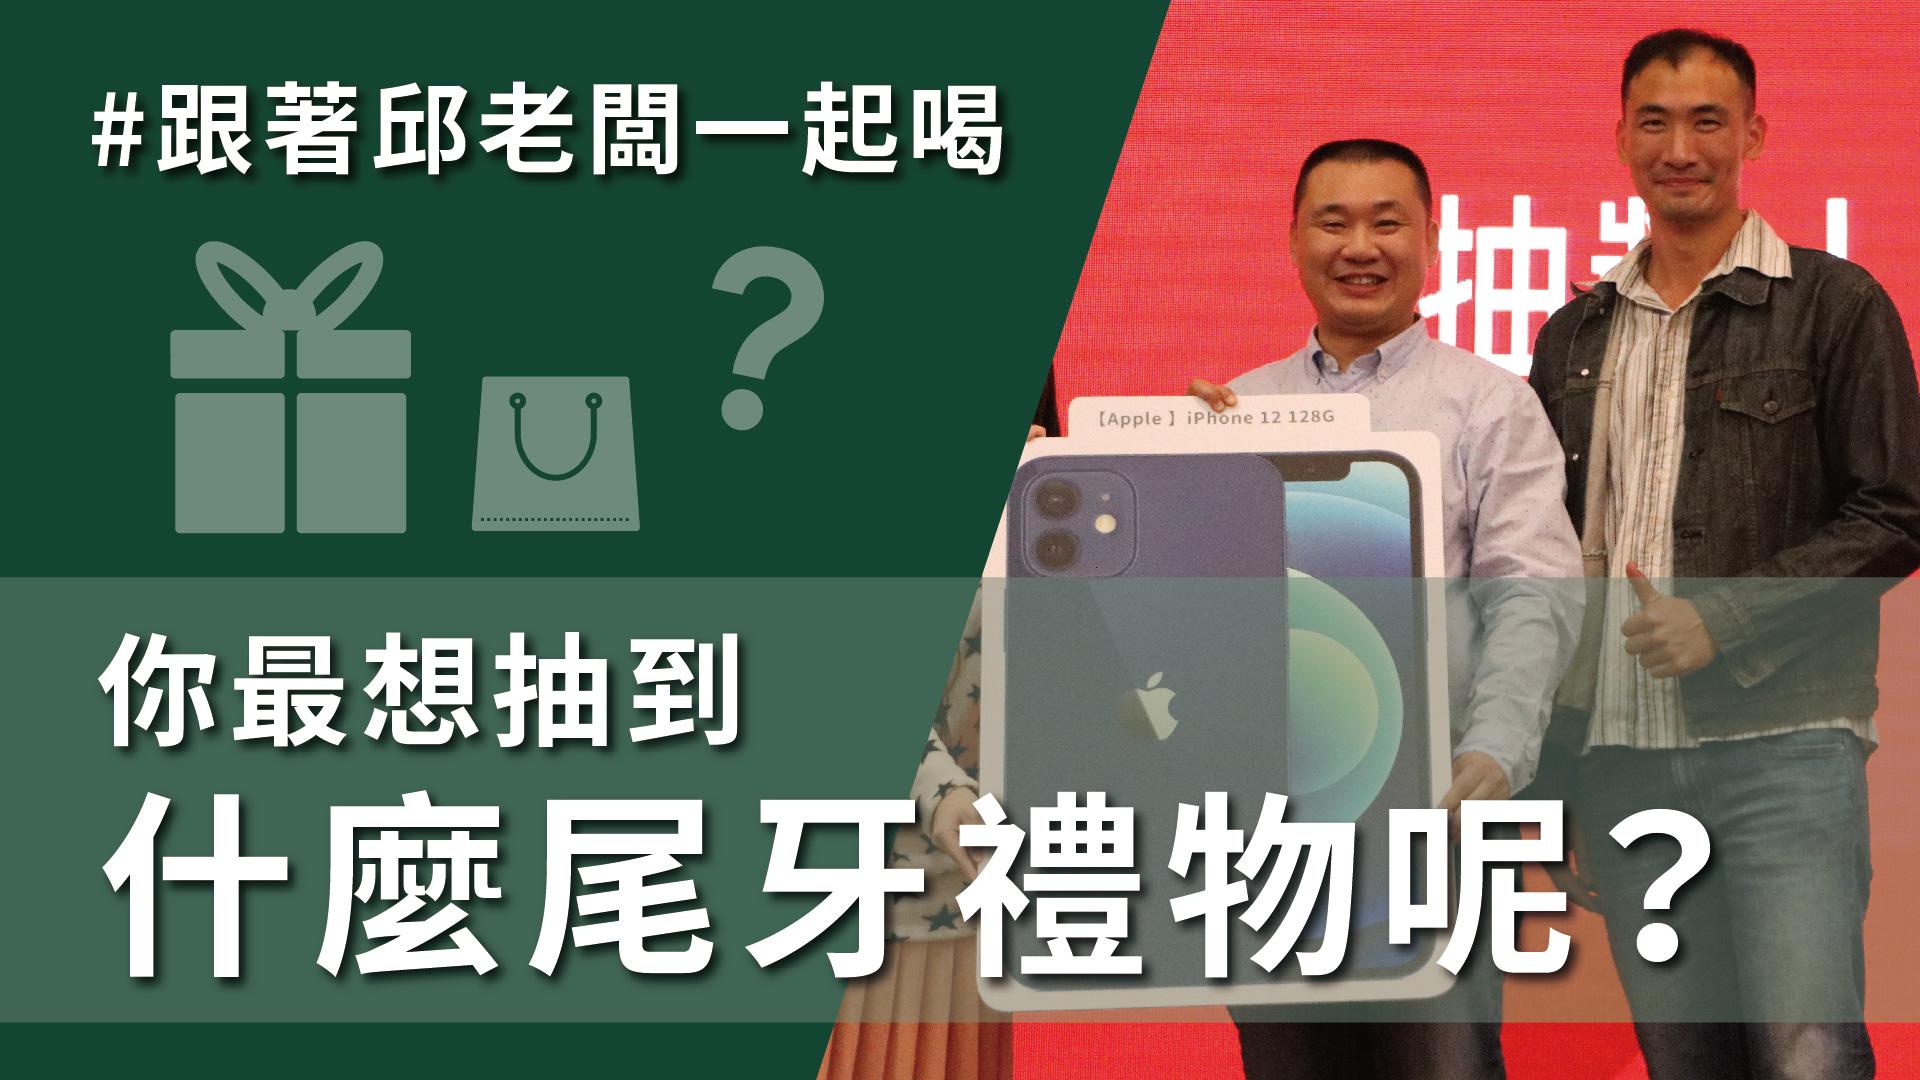 清爽飲品推薦,特別選用台灣紅寶石葡萄柚,酸甜多汁的鮮搾葡萄柚綠!#1月15日 #DAY124